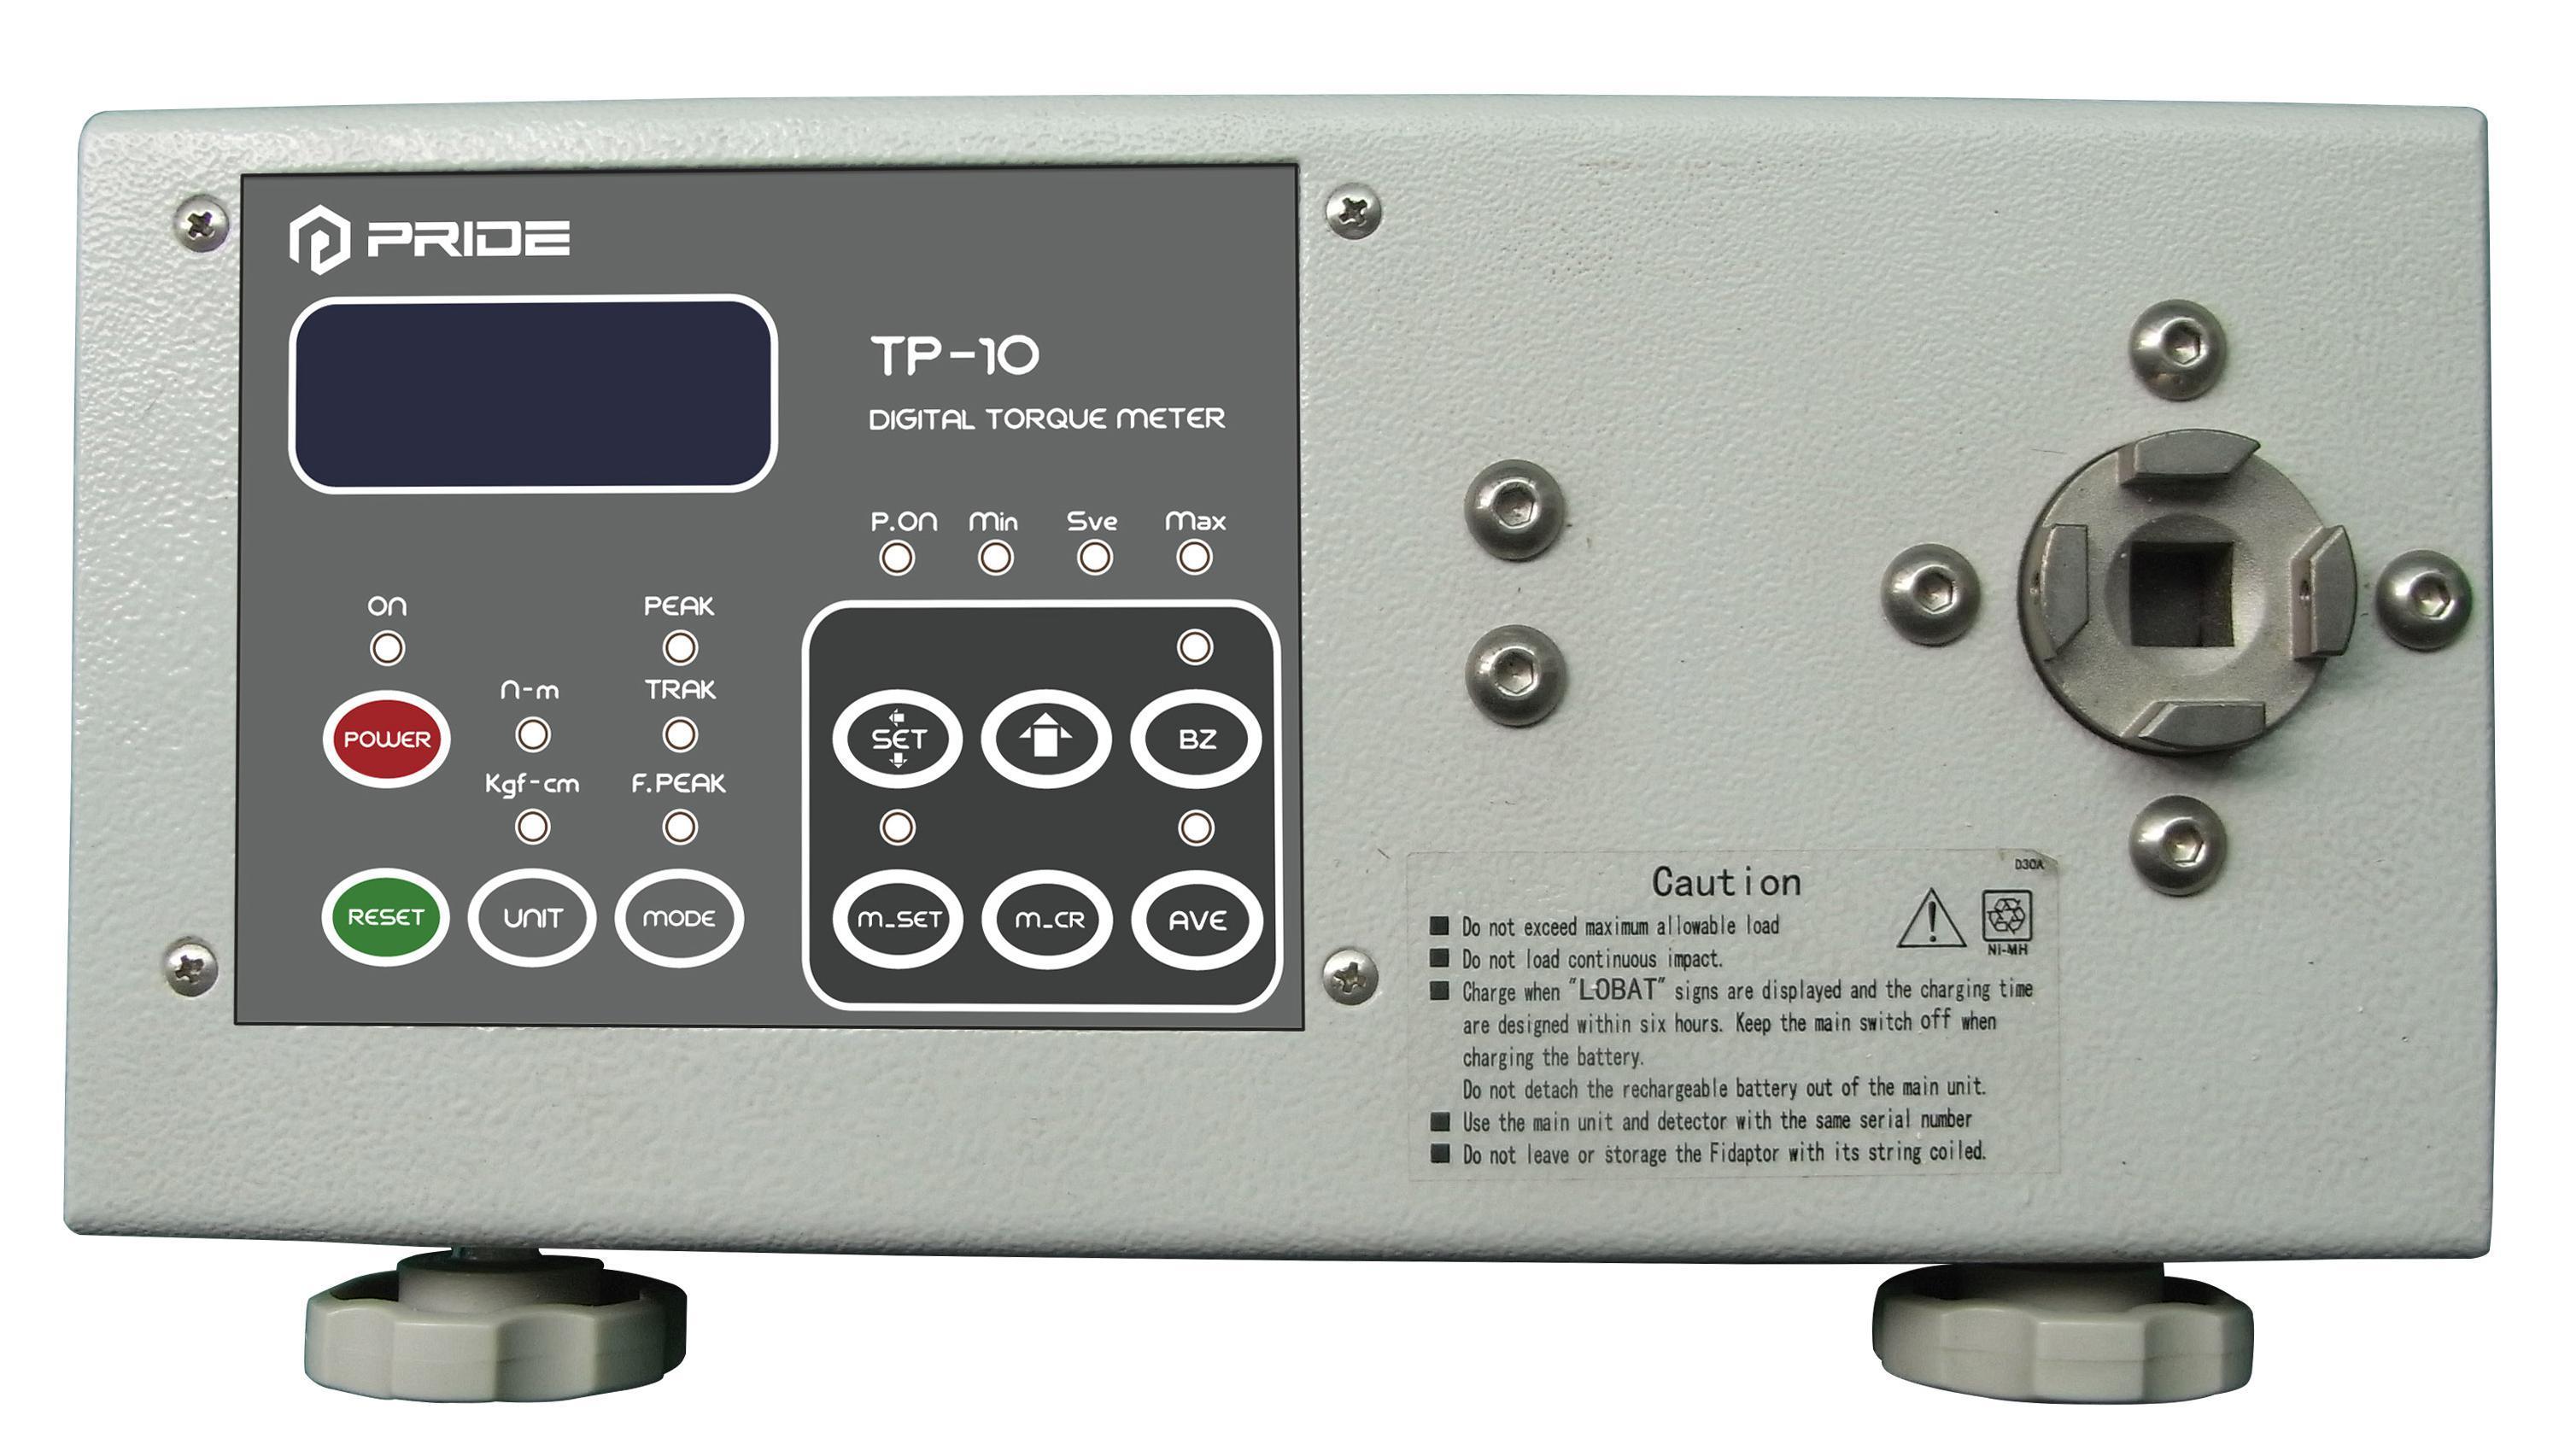 Digital Torque Tester Digital Torque Meter Tp-10n